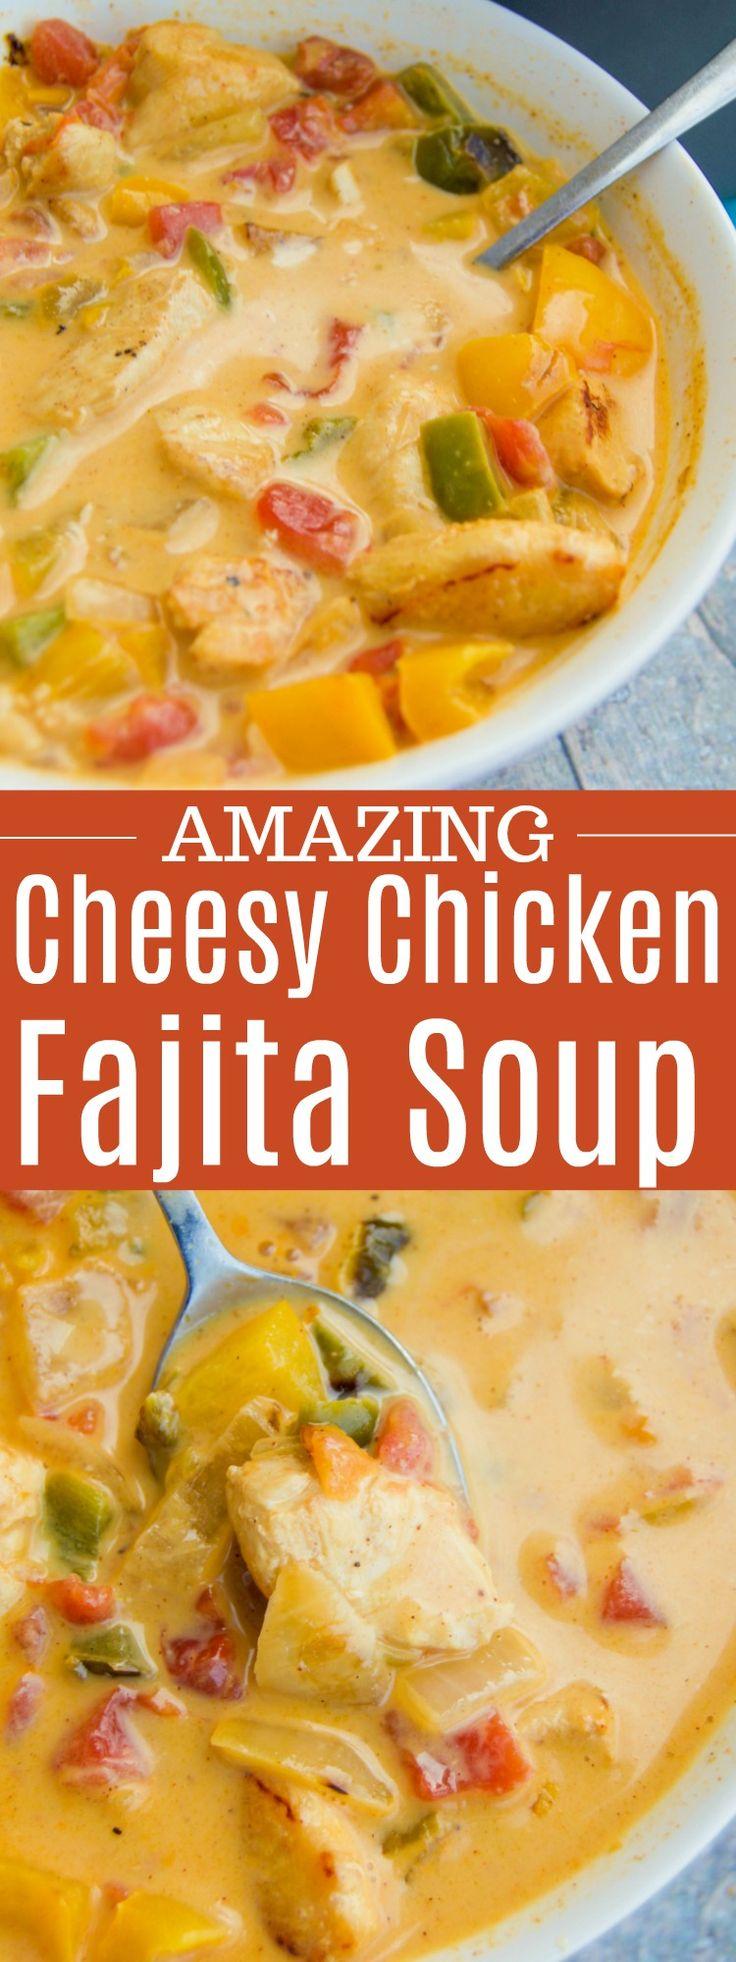 Cheesy Chicken Fajita Soup #soup #chicken #cheesy